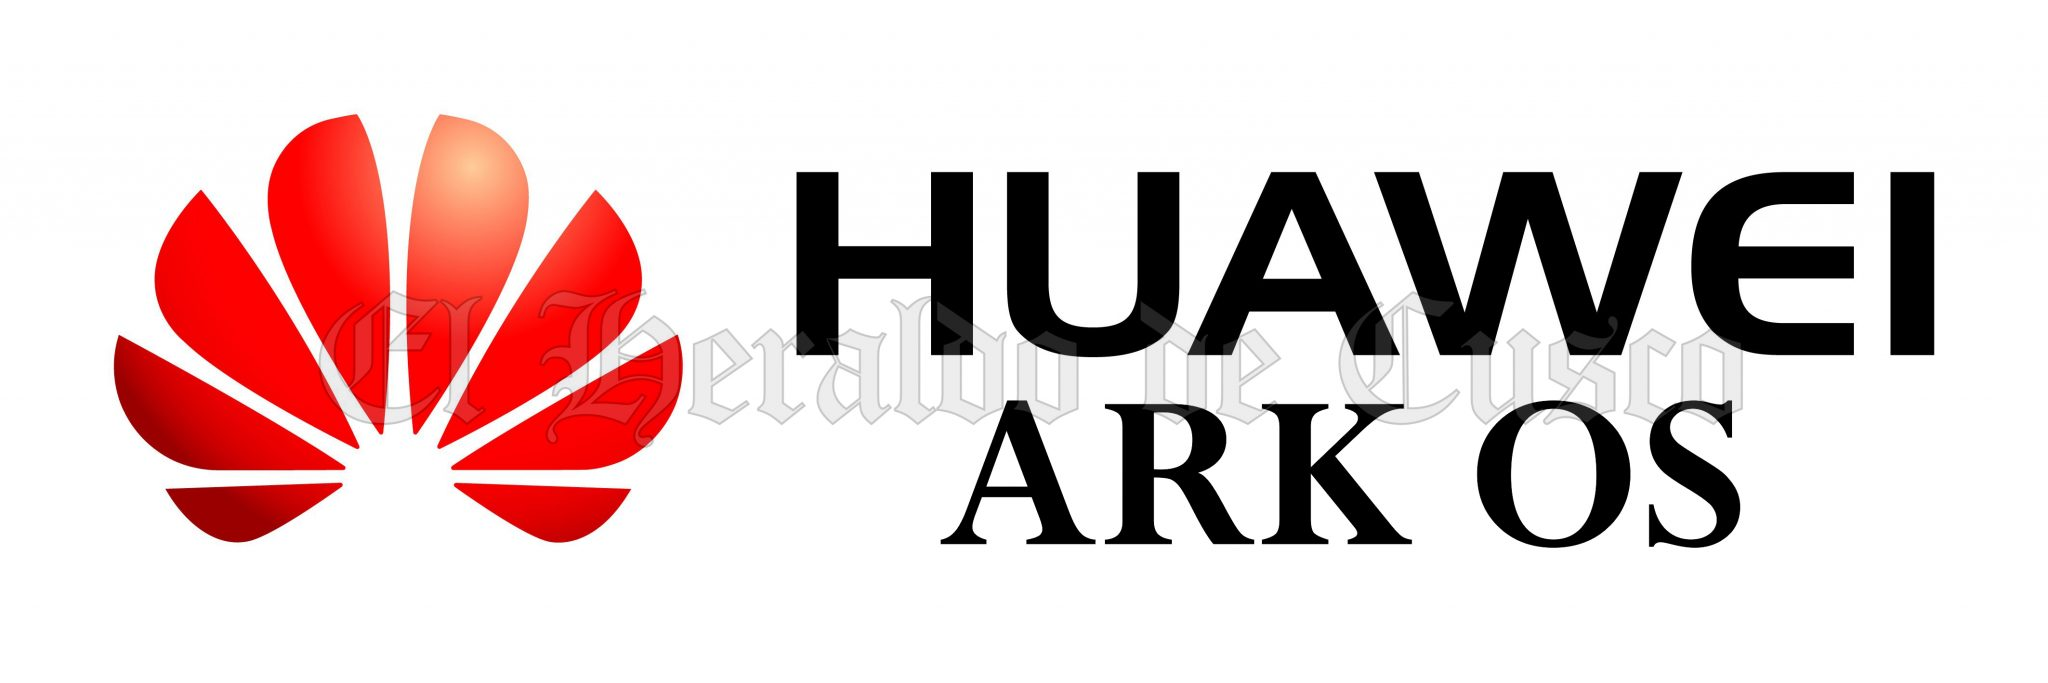 Huawei Ark Os logo Gaia Servicios